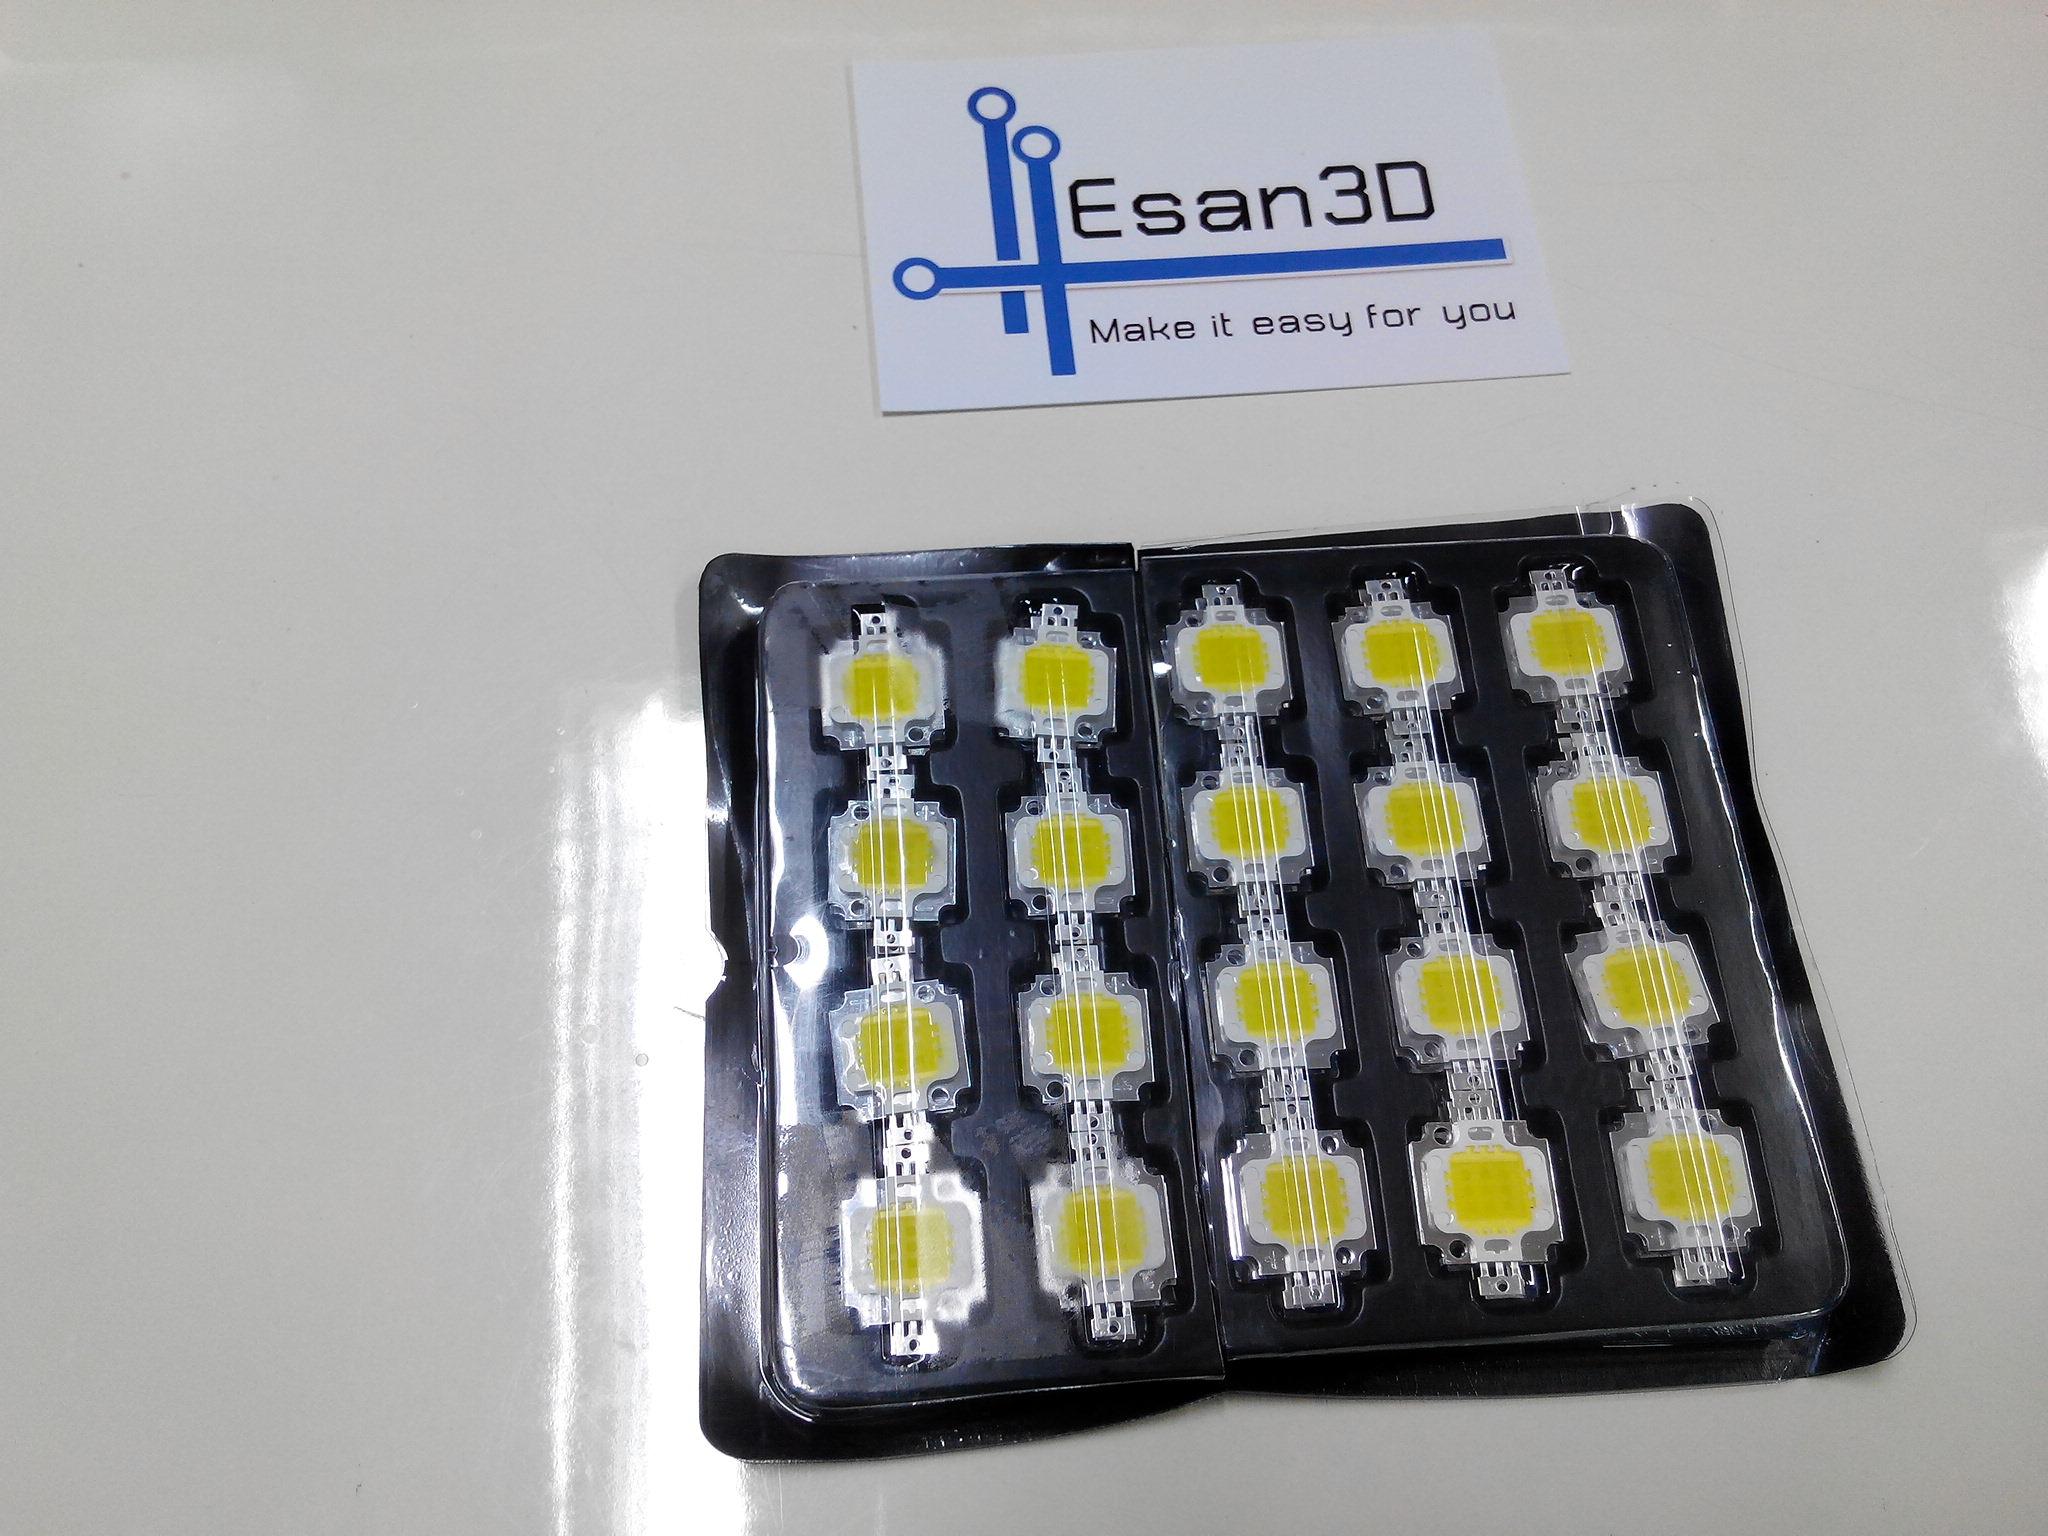 10W High power LED แสงขาว 900mA แรงดัน 9 -12V อัตราความสว่าง 800-900LM